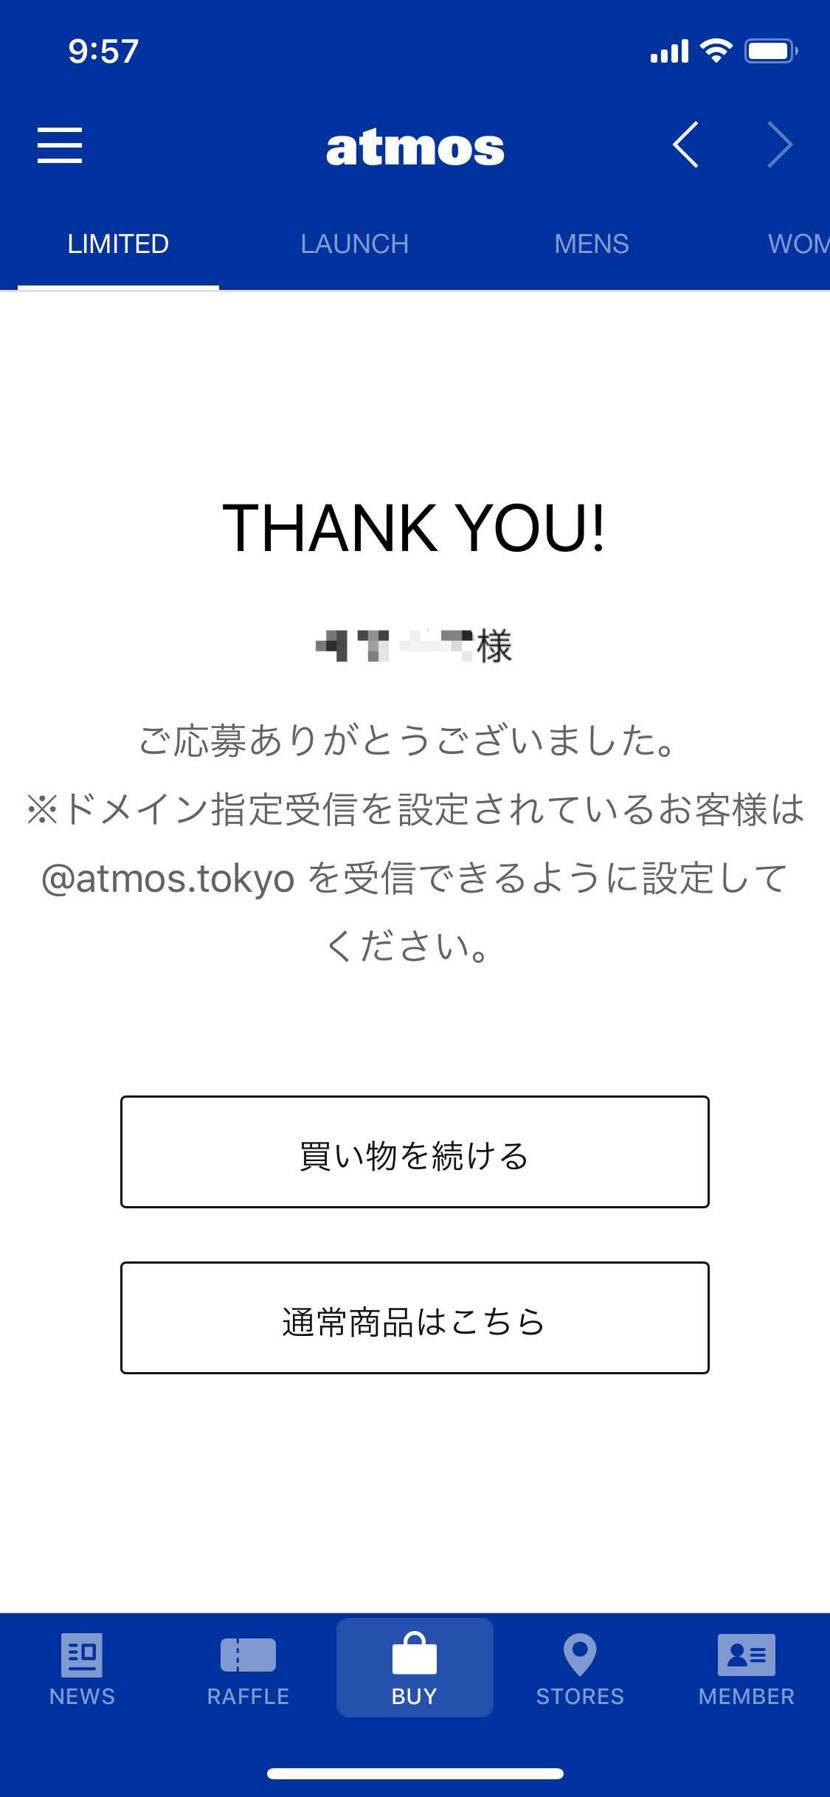 atoms…お願いします😰